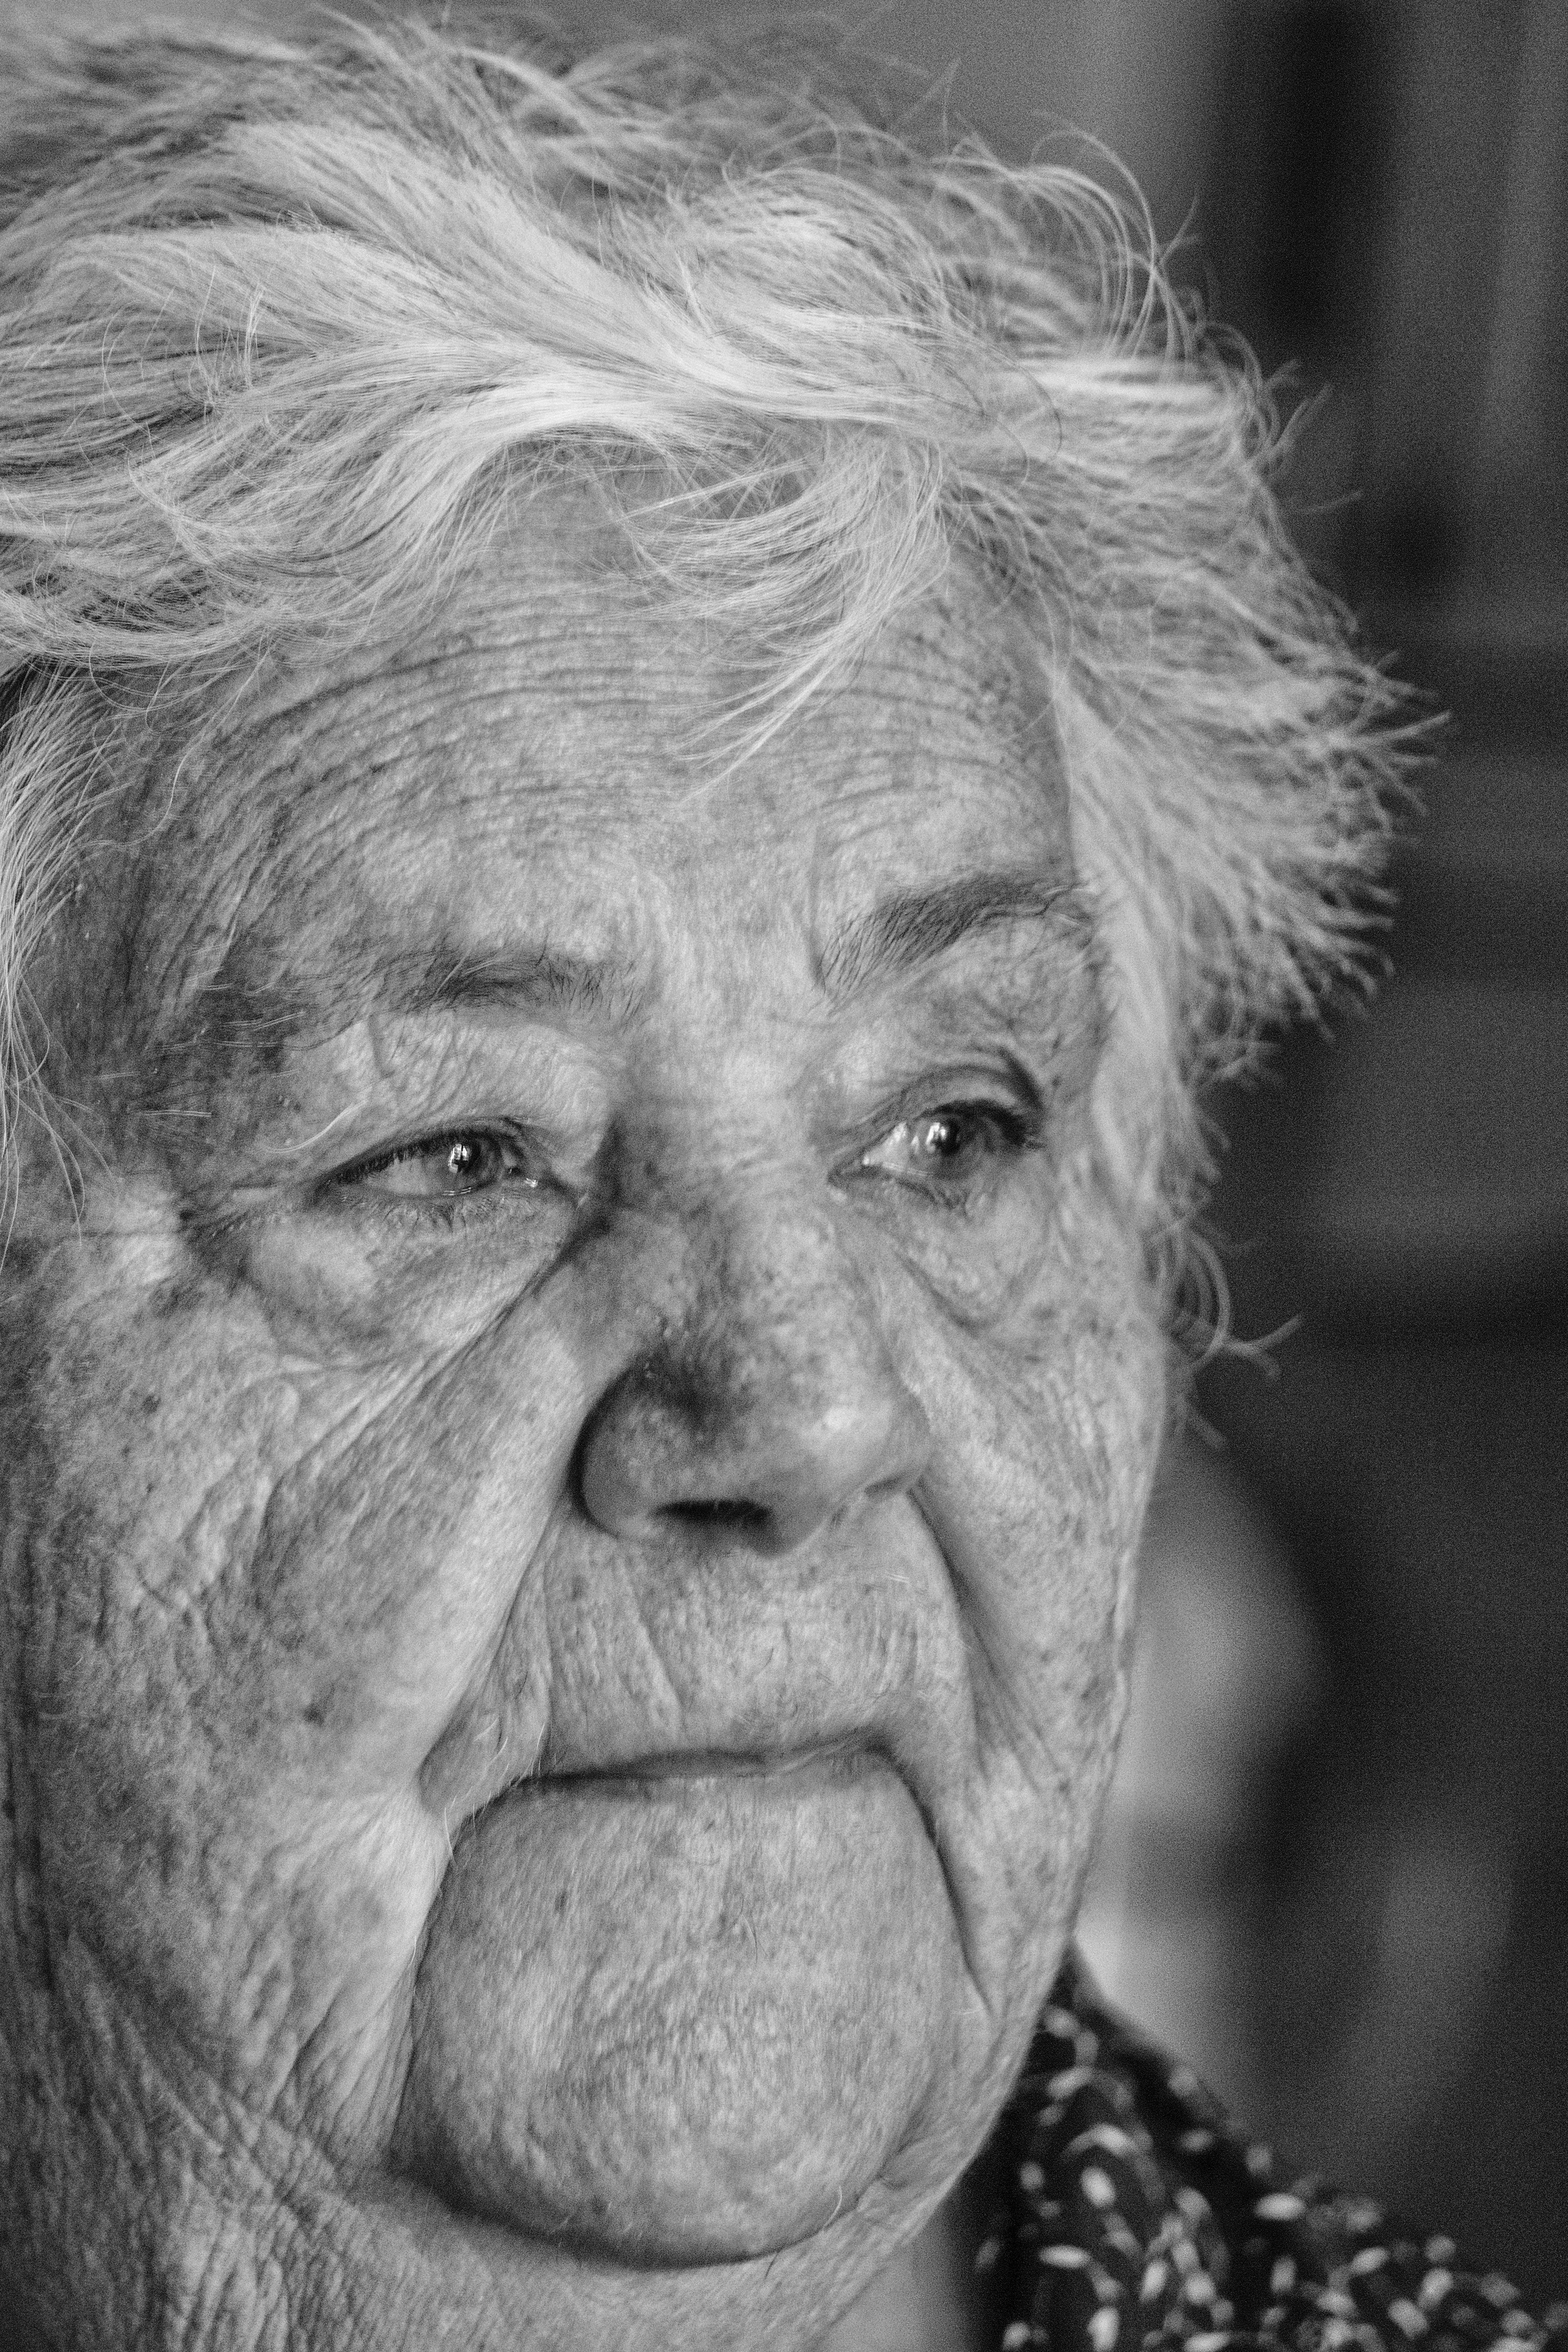 le donne di 40 anni normale non mercenaria roma